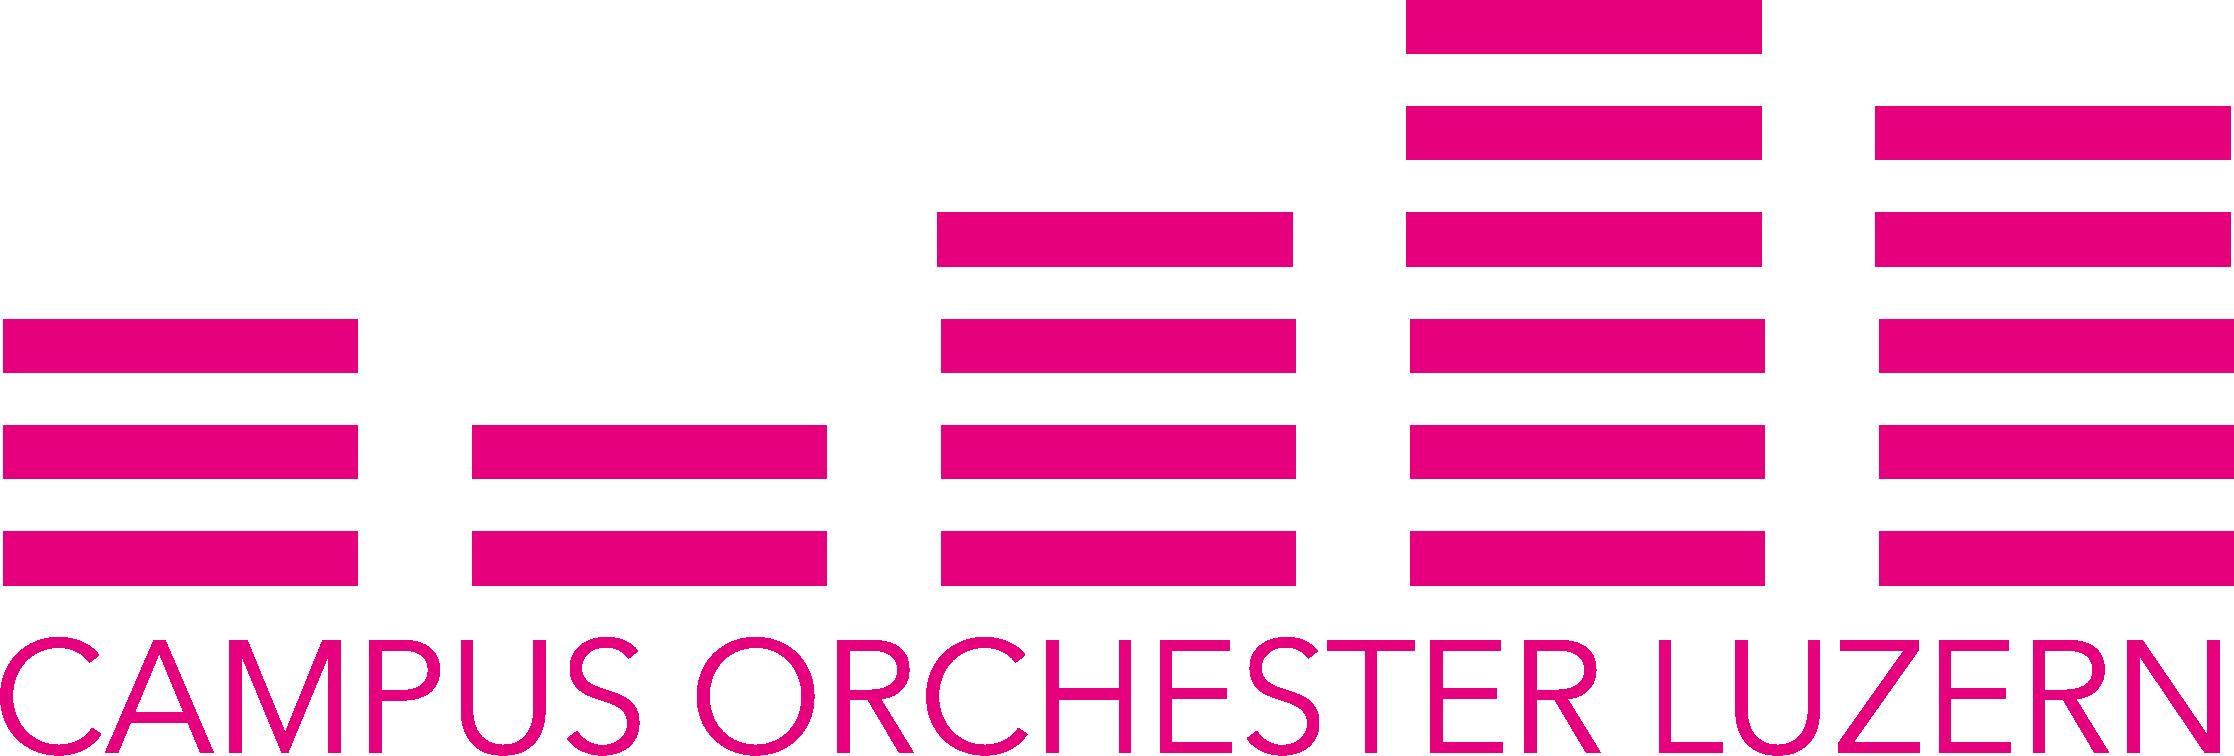 Campusorchester Luzern